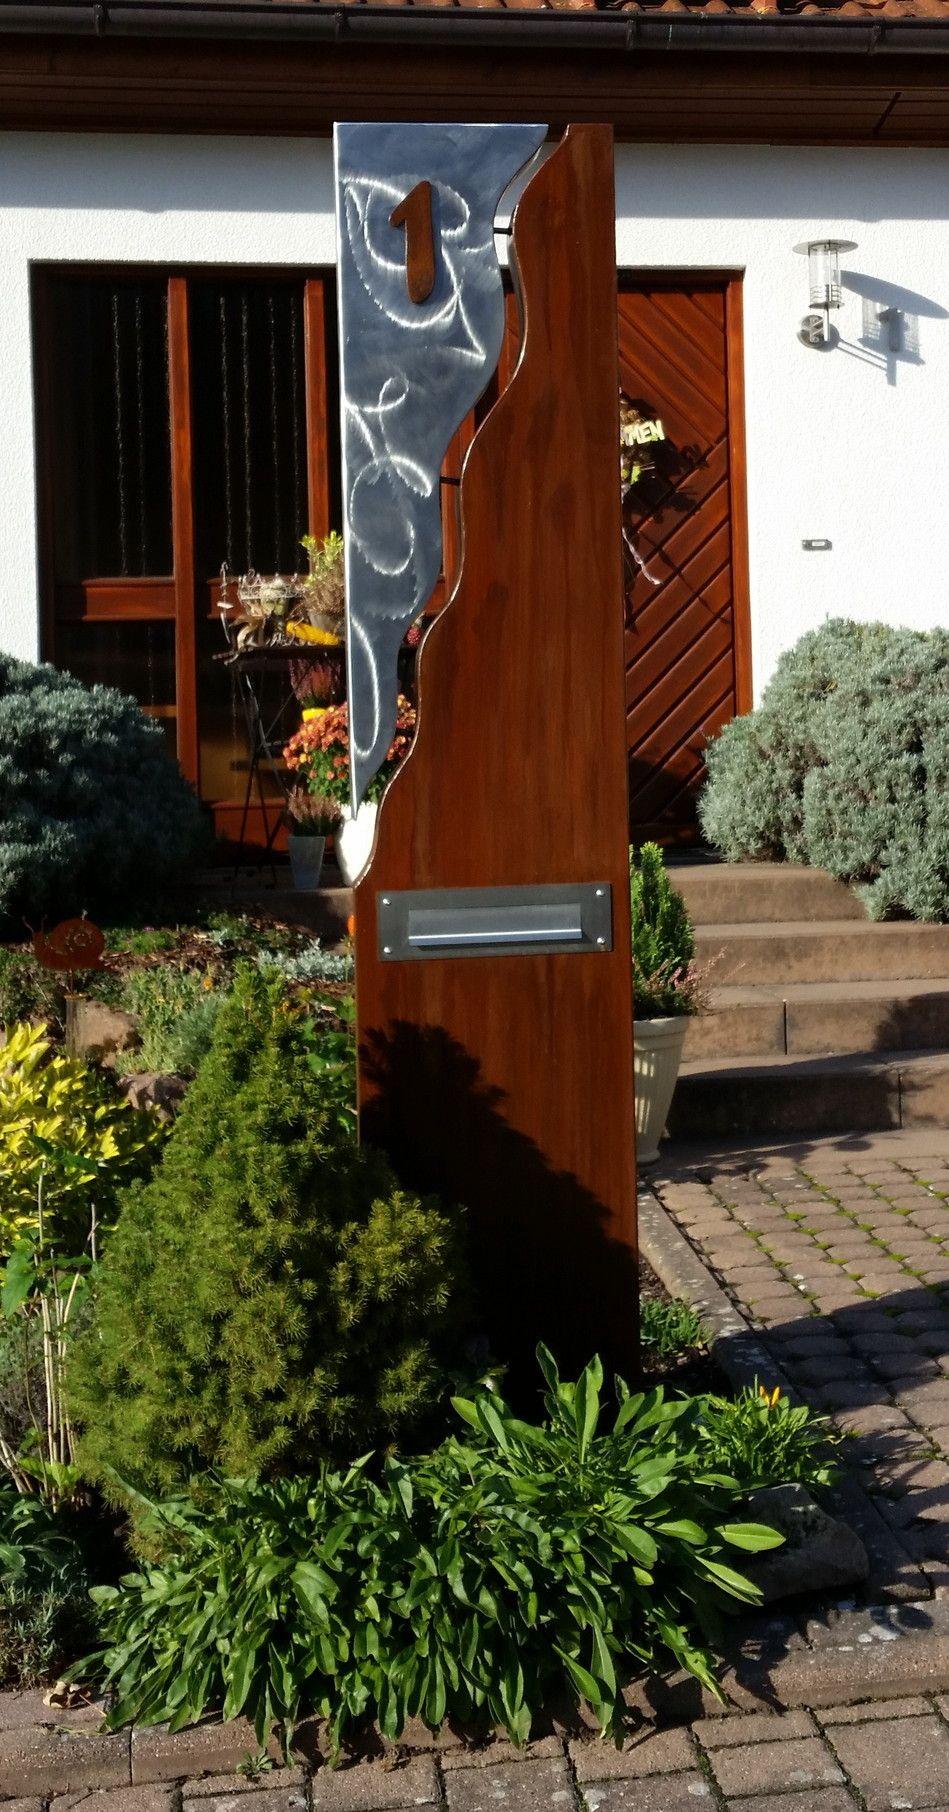 Briefkasten s ule bestehend aus einer kombination von stahl u edelstahl metallkunst - Gartendeko stahl ...